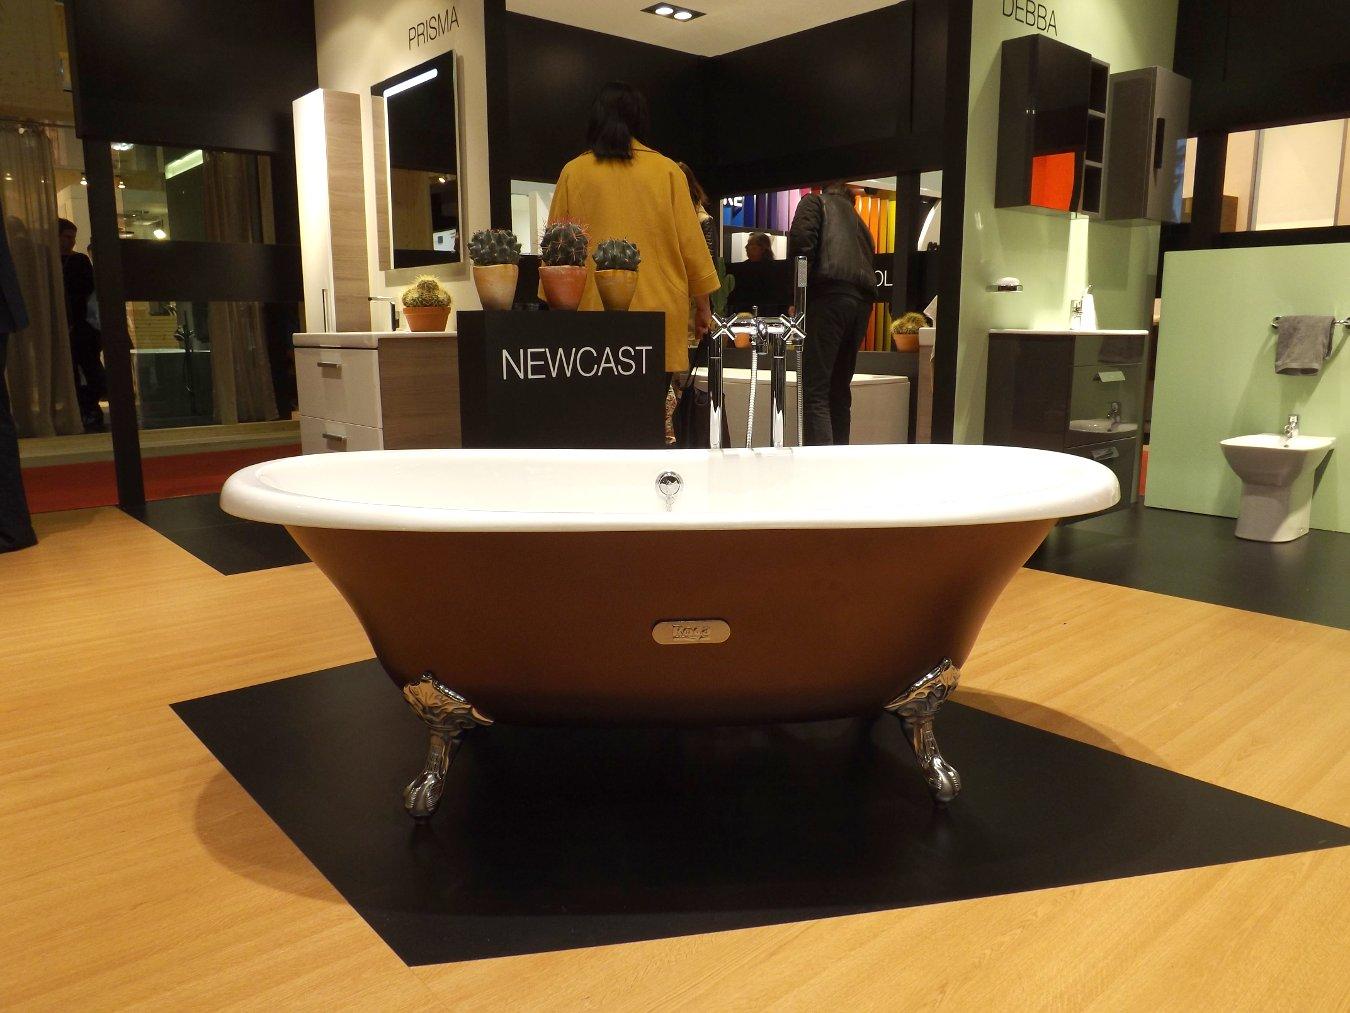 Модные тренды сантехники и аксессуаров для ванной 2016: отдельно стоящая ванна на экспозиции от Roca во время выставки MosBuild